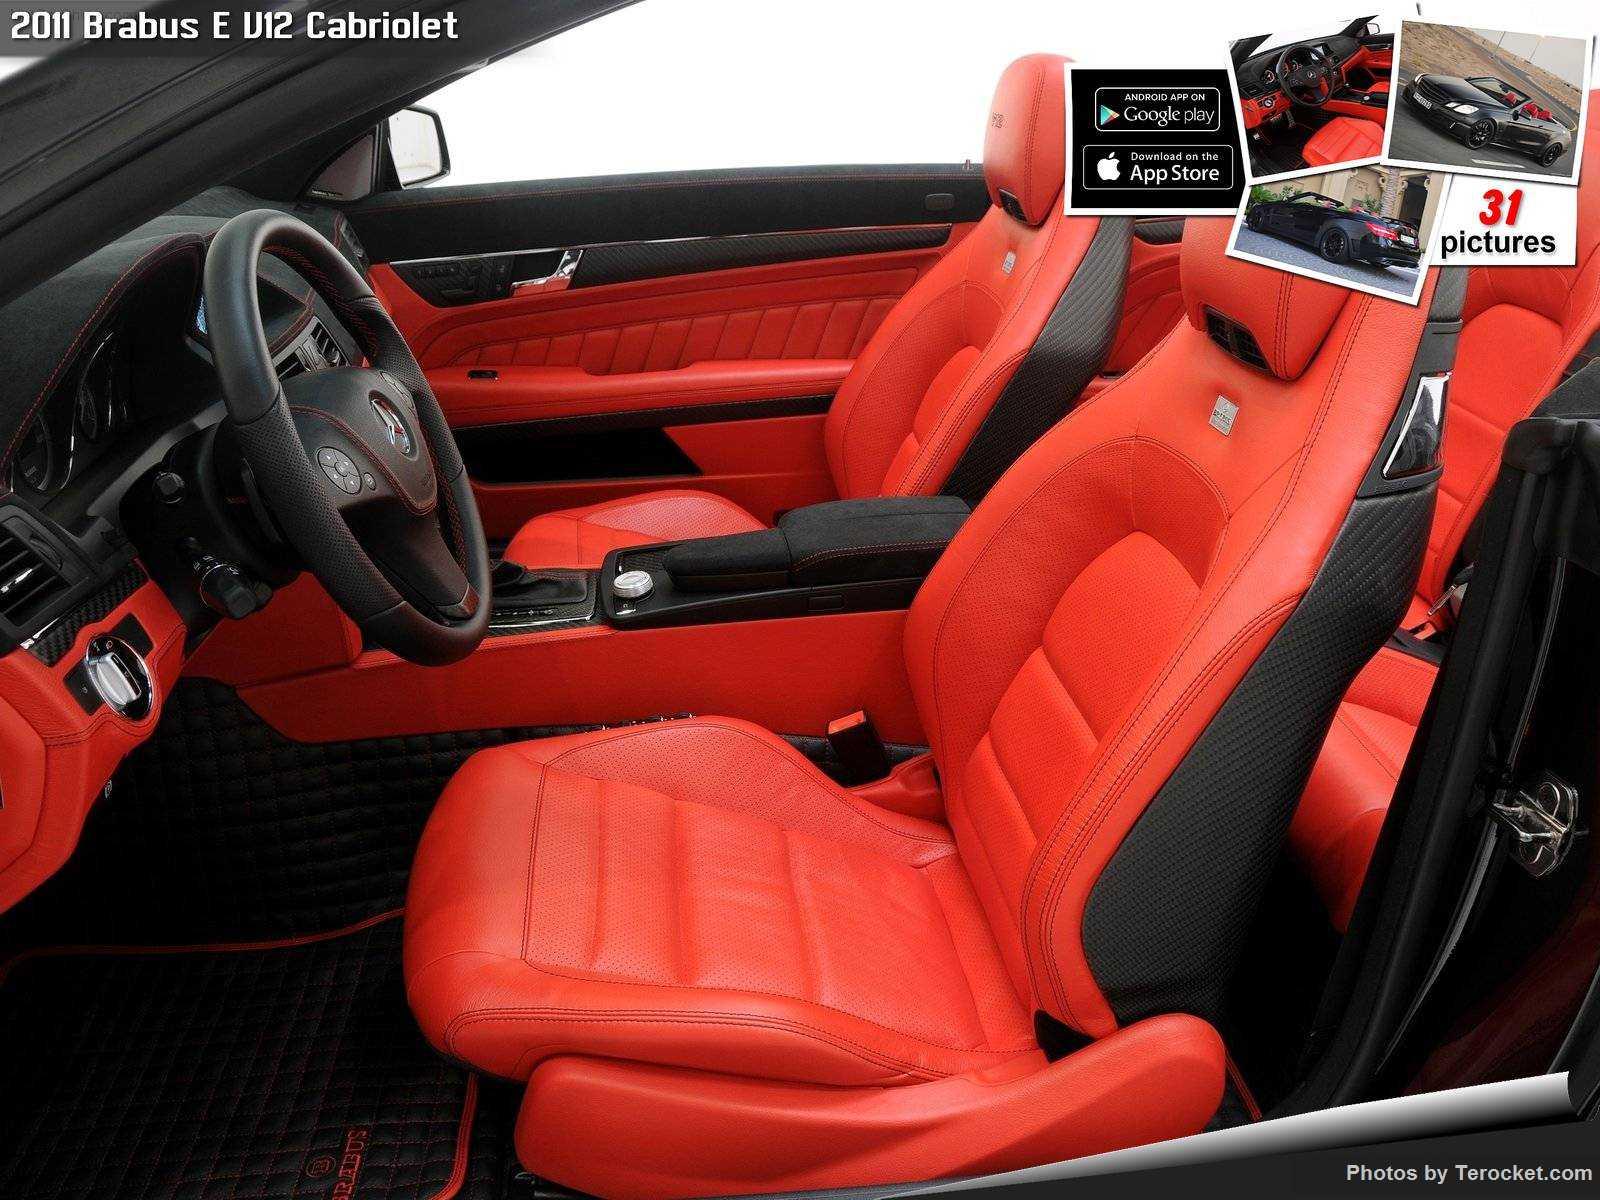 Hình ảnh xe ô tô Brabus E V12 Cabriolet 2011 & nội ngoại thất